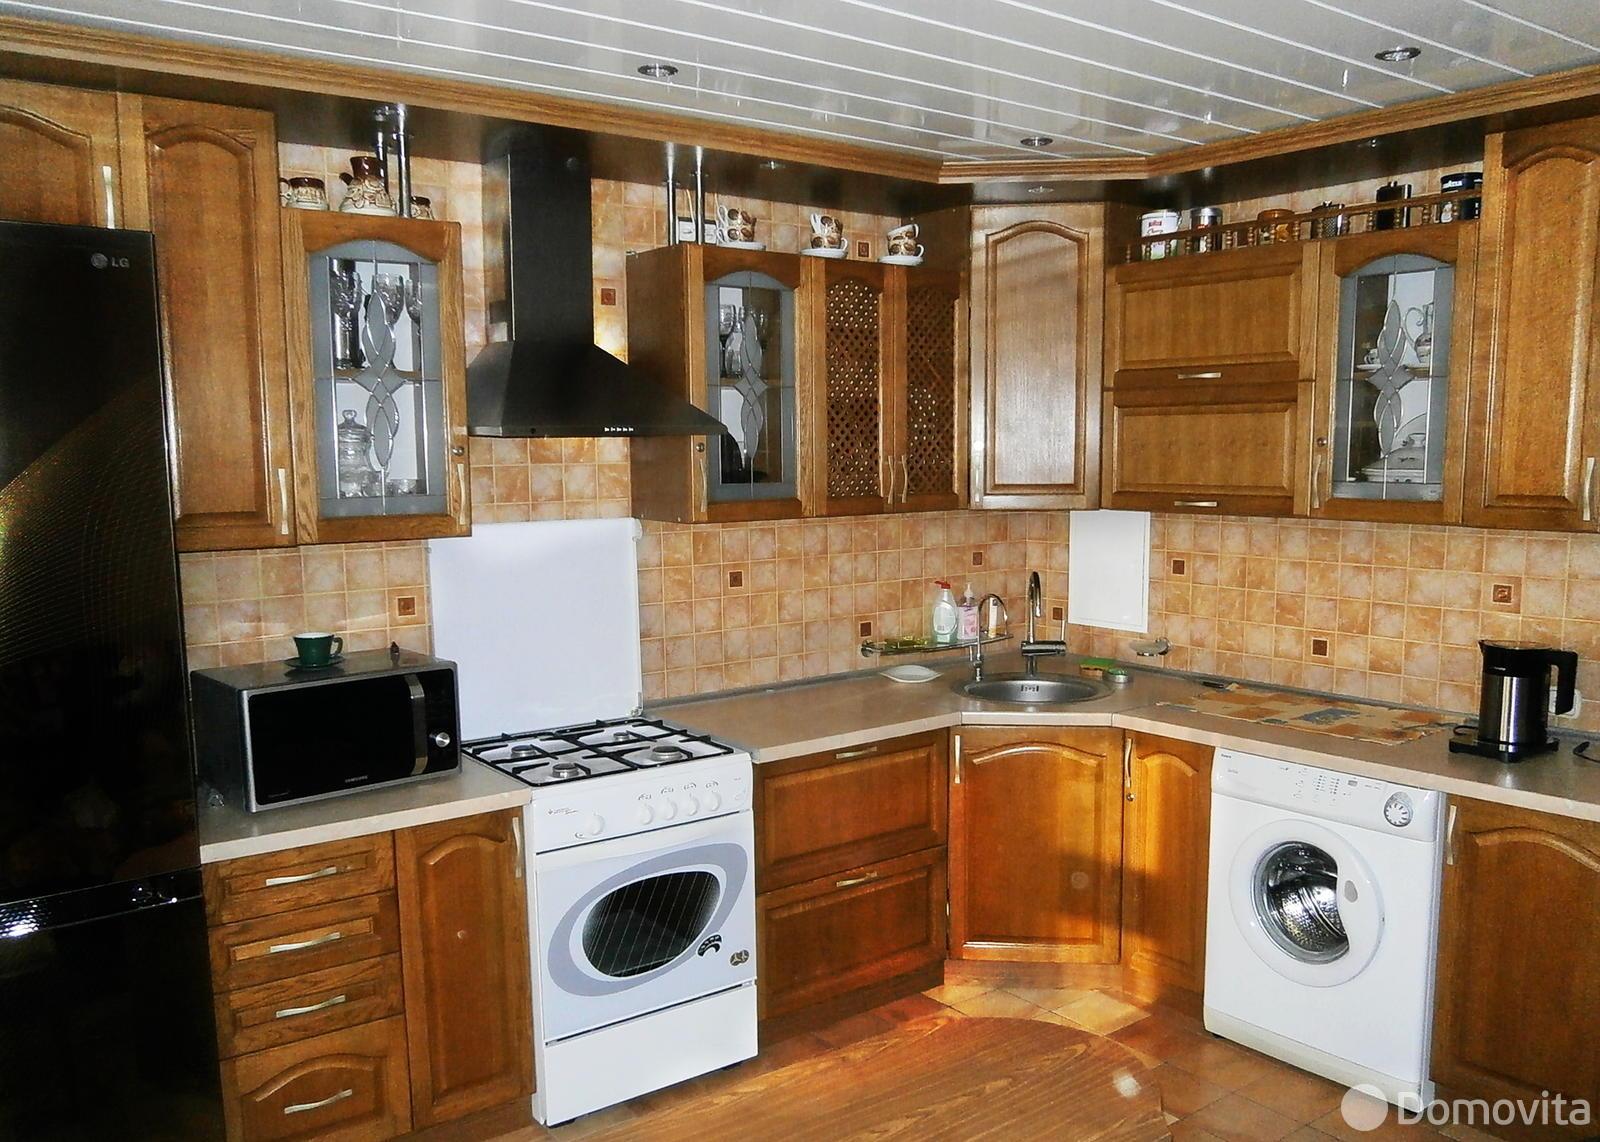 3-комнатная квартира на сутки в Осиповичах, ул. Сумченко, д. 83 - фото 1